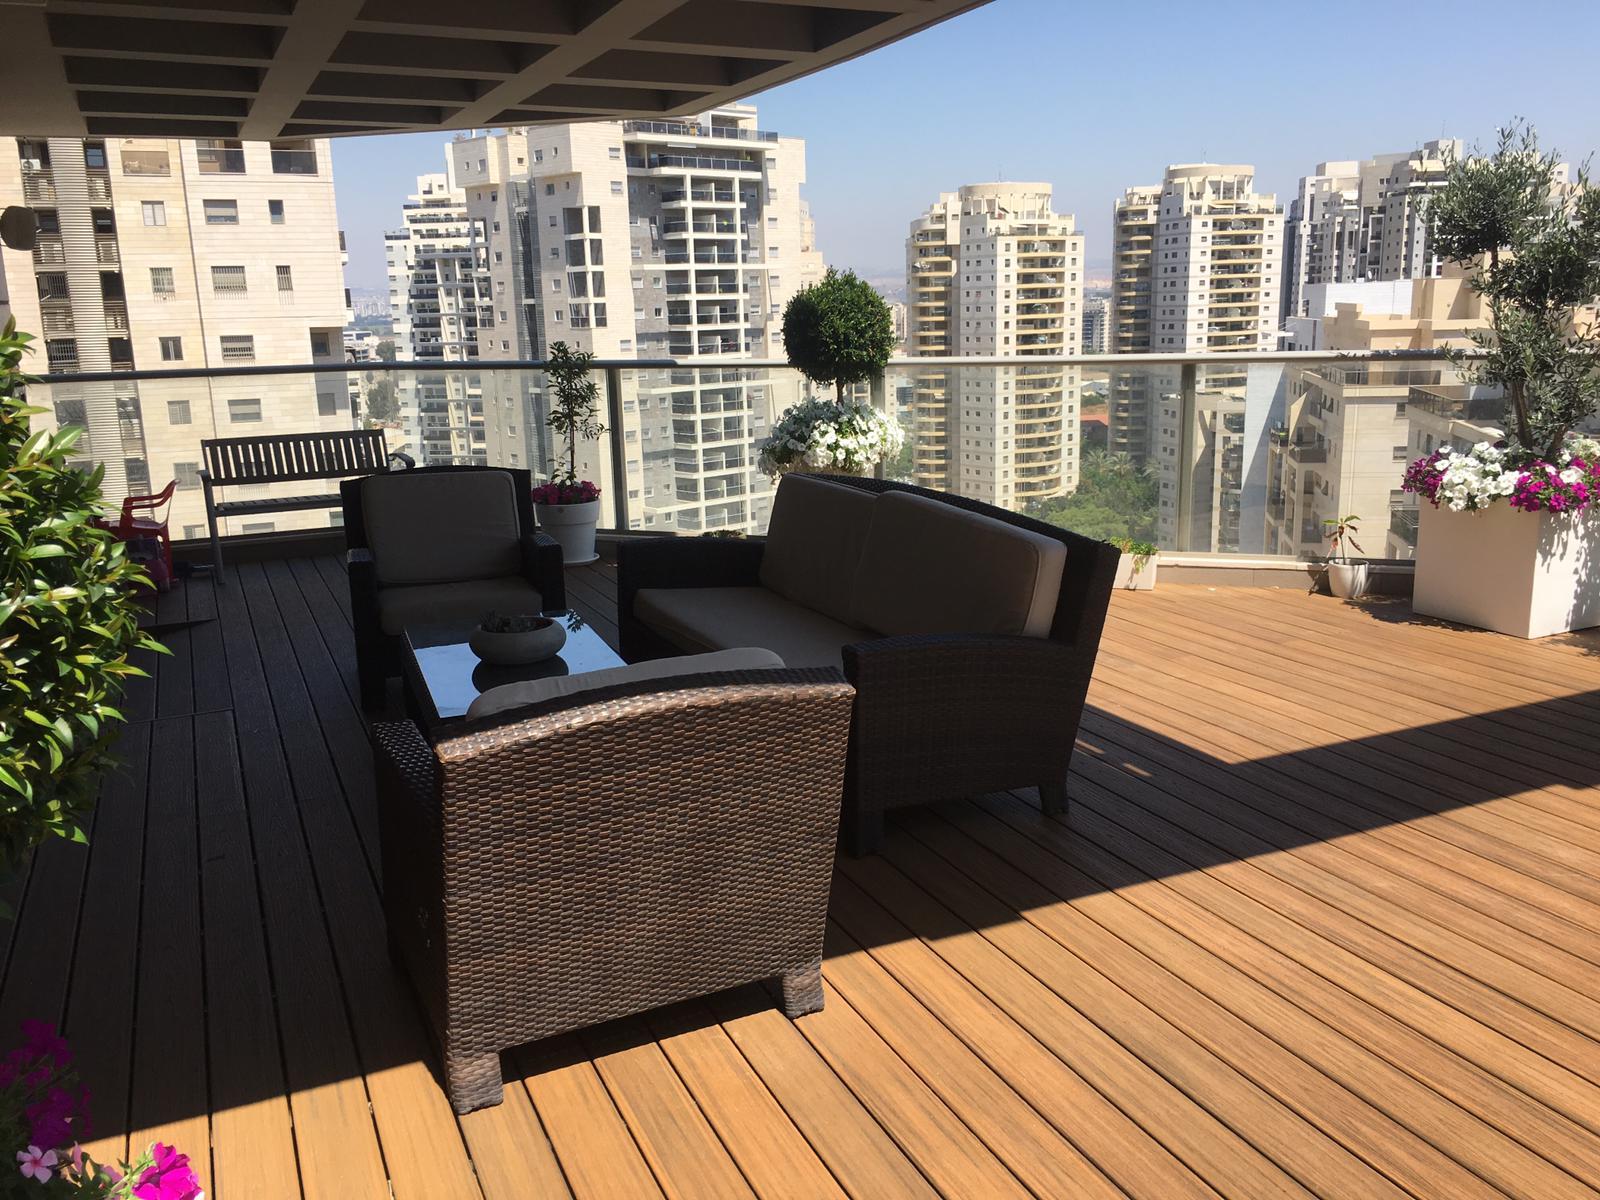 • דק למרפסת שמש בעיר ימים - TREX דקים סינטטיים, מעקות חוץ וחיפוי קירות חוץ